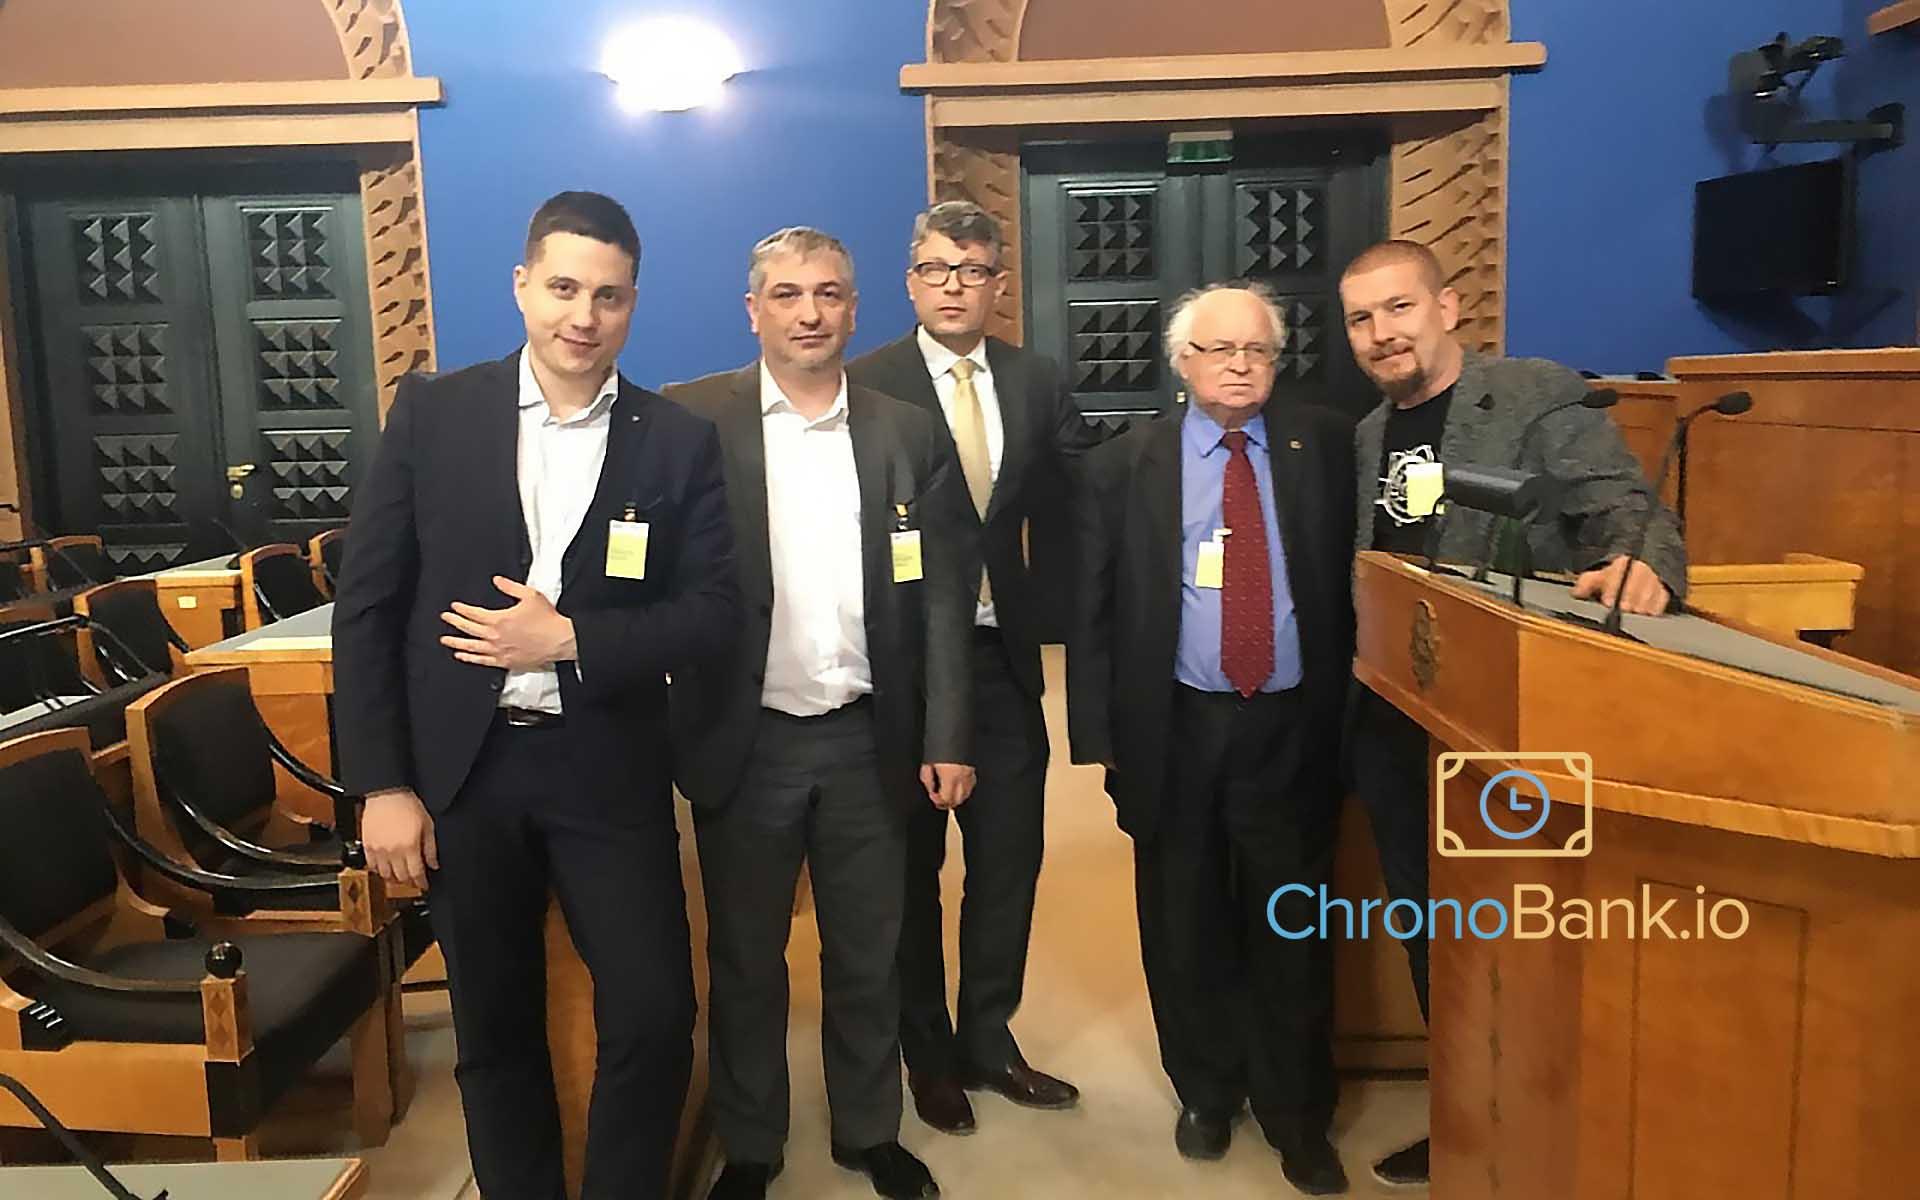 Chronobank Makes Time For Estonia's Crypto Effort